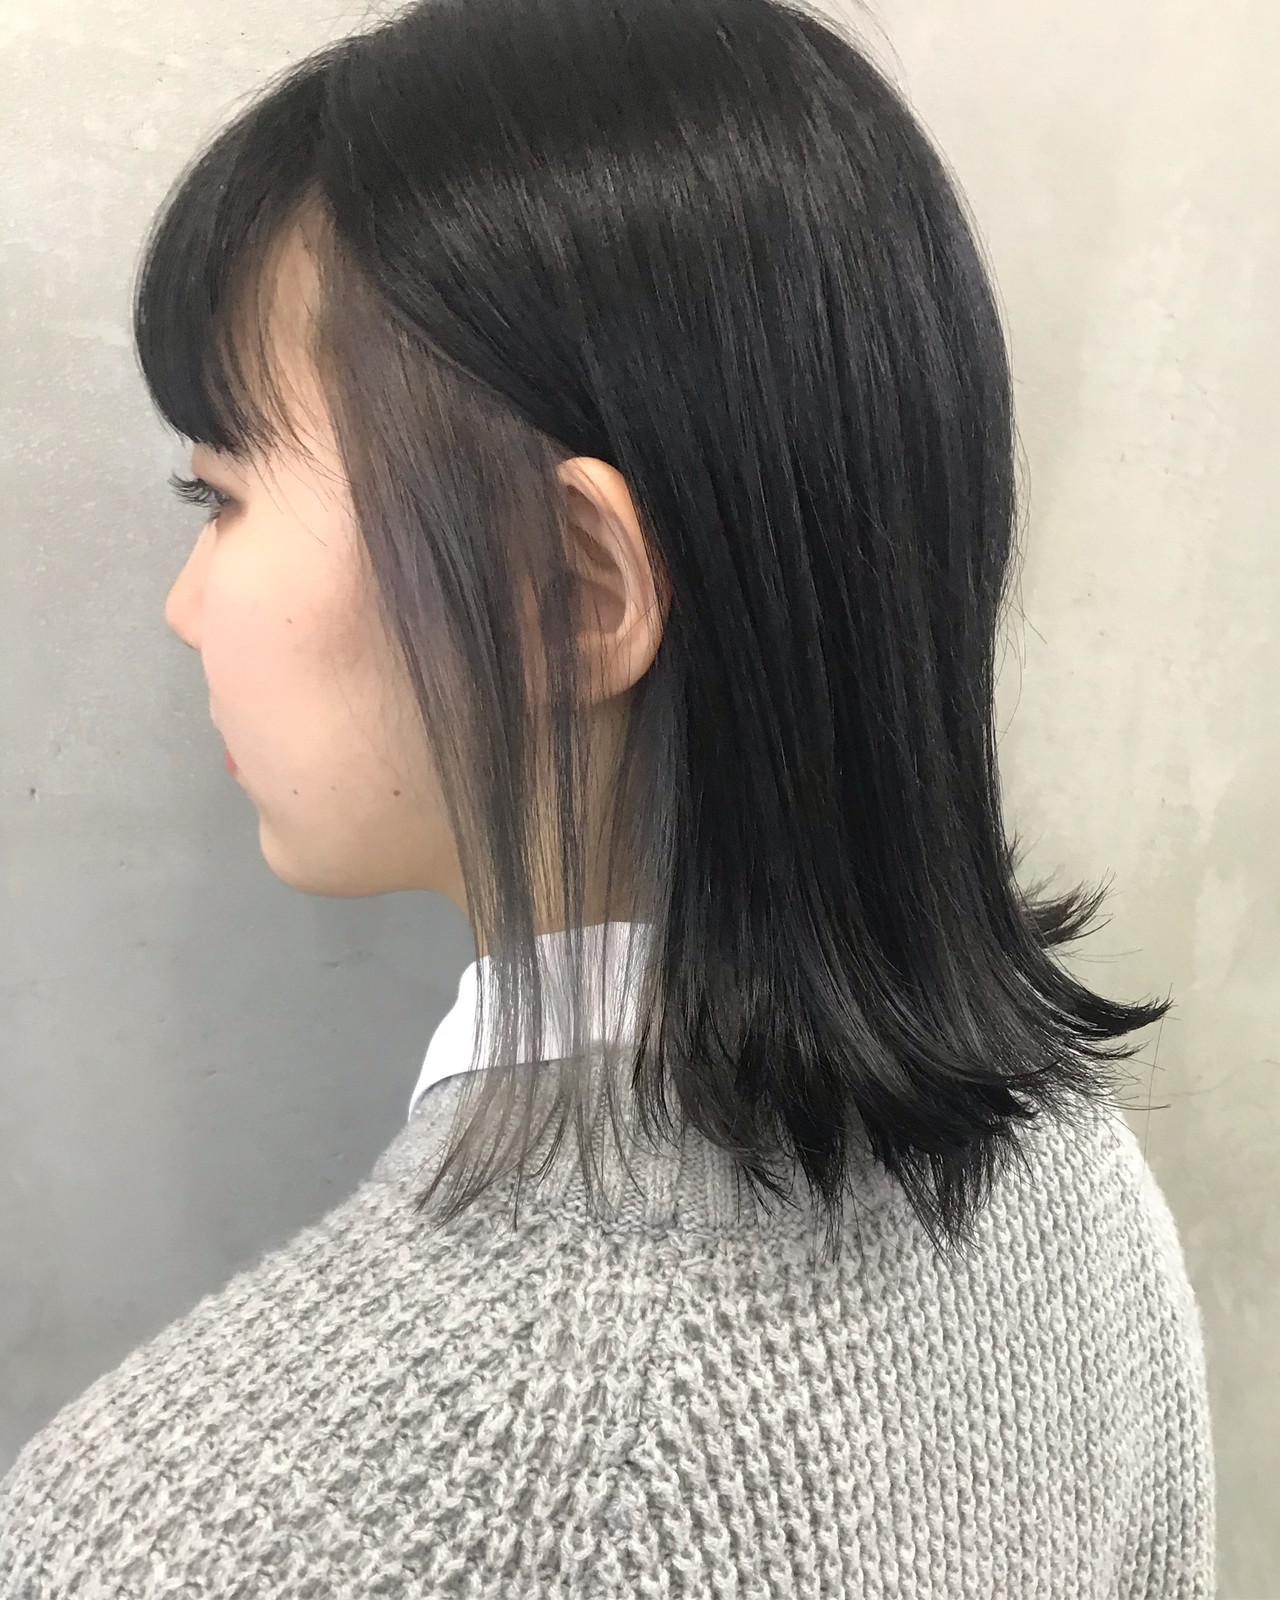 アッシュグレー インナーカラー ガーリー ミディアム ヘアスタイルや髪型の写真・画像